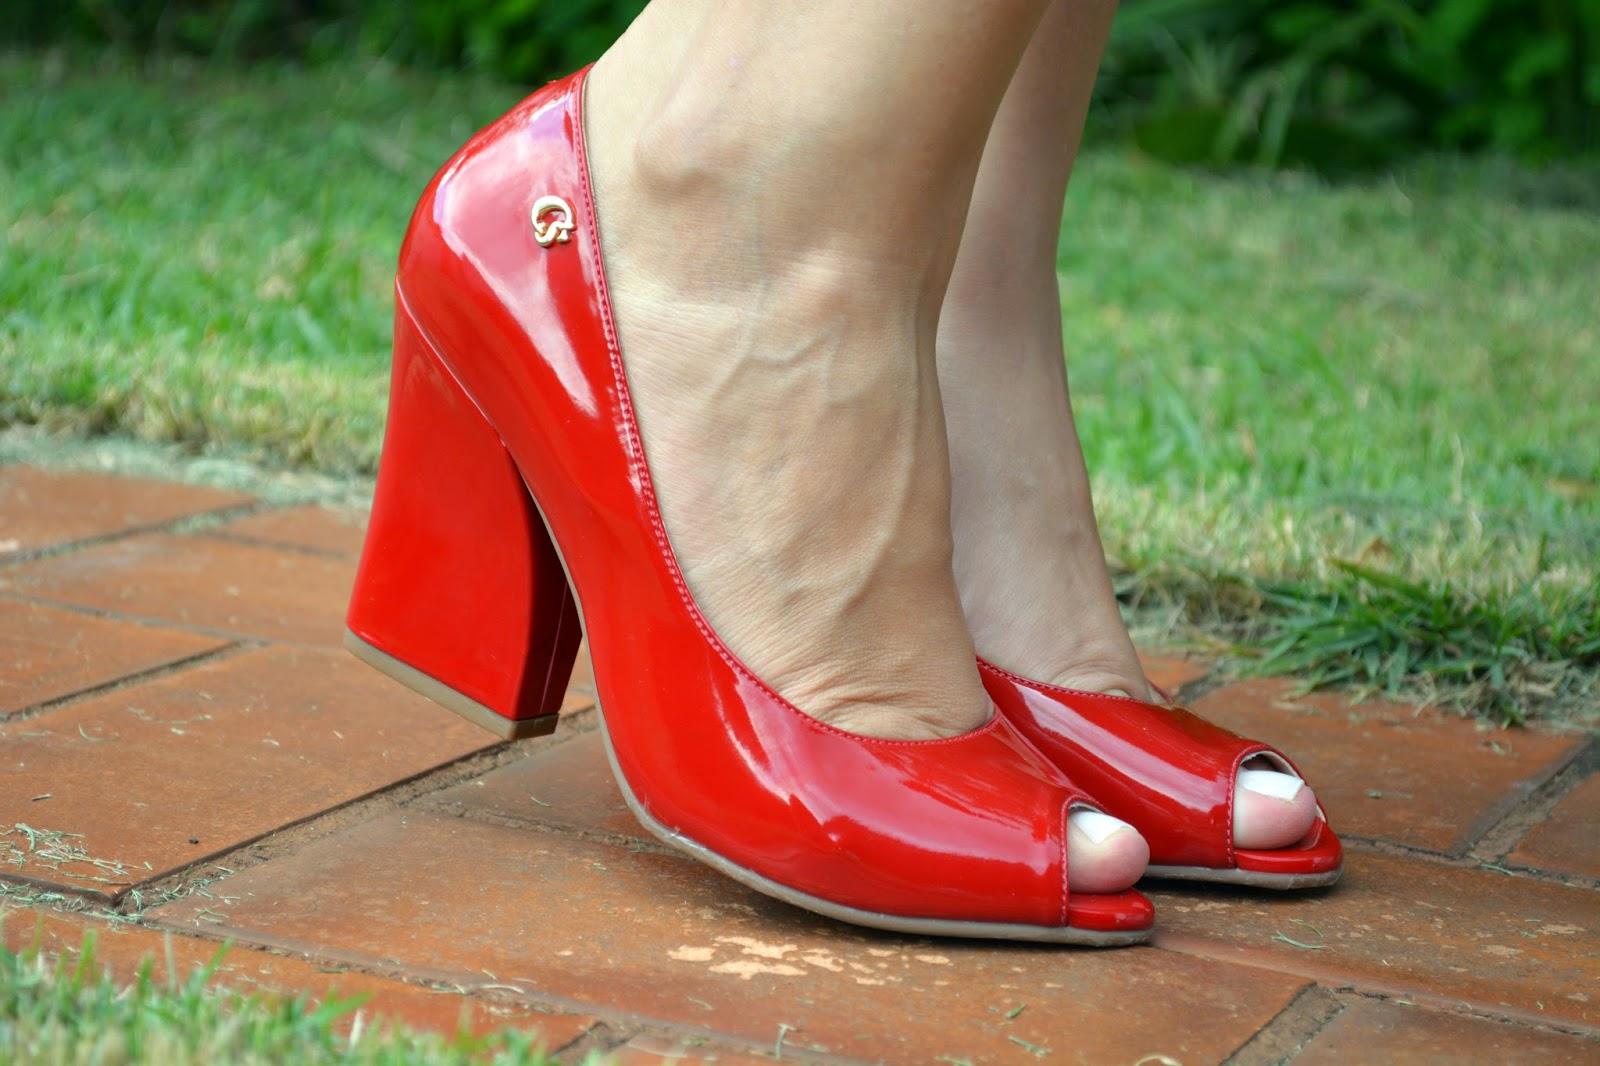 como usar sapato vermelho, sapato vermelho, sapato vermelho carmen steffens, coleção carmen steffens, outono inverno 2015 carmen steffens, blog camila andrade, blog de moda em ribeirão preto, blogueira de moda em ribeirão preto, fashion blogger, sapato